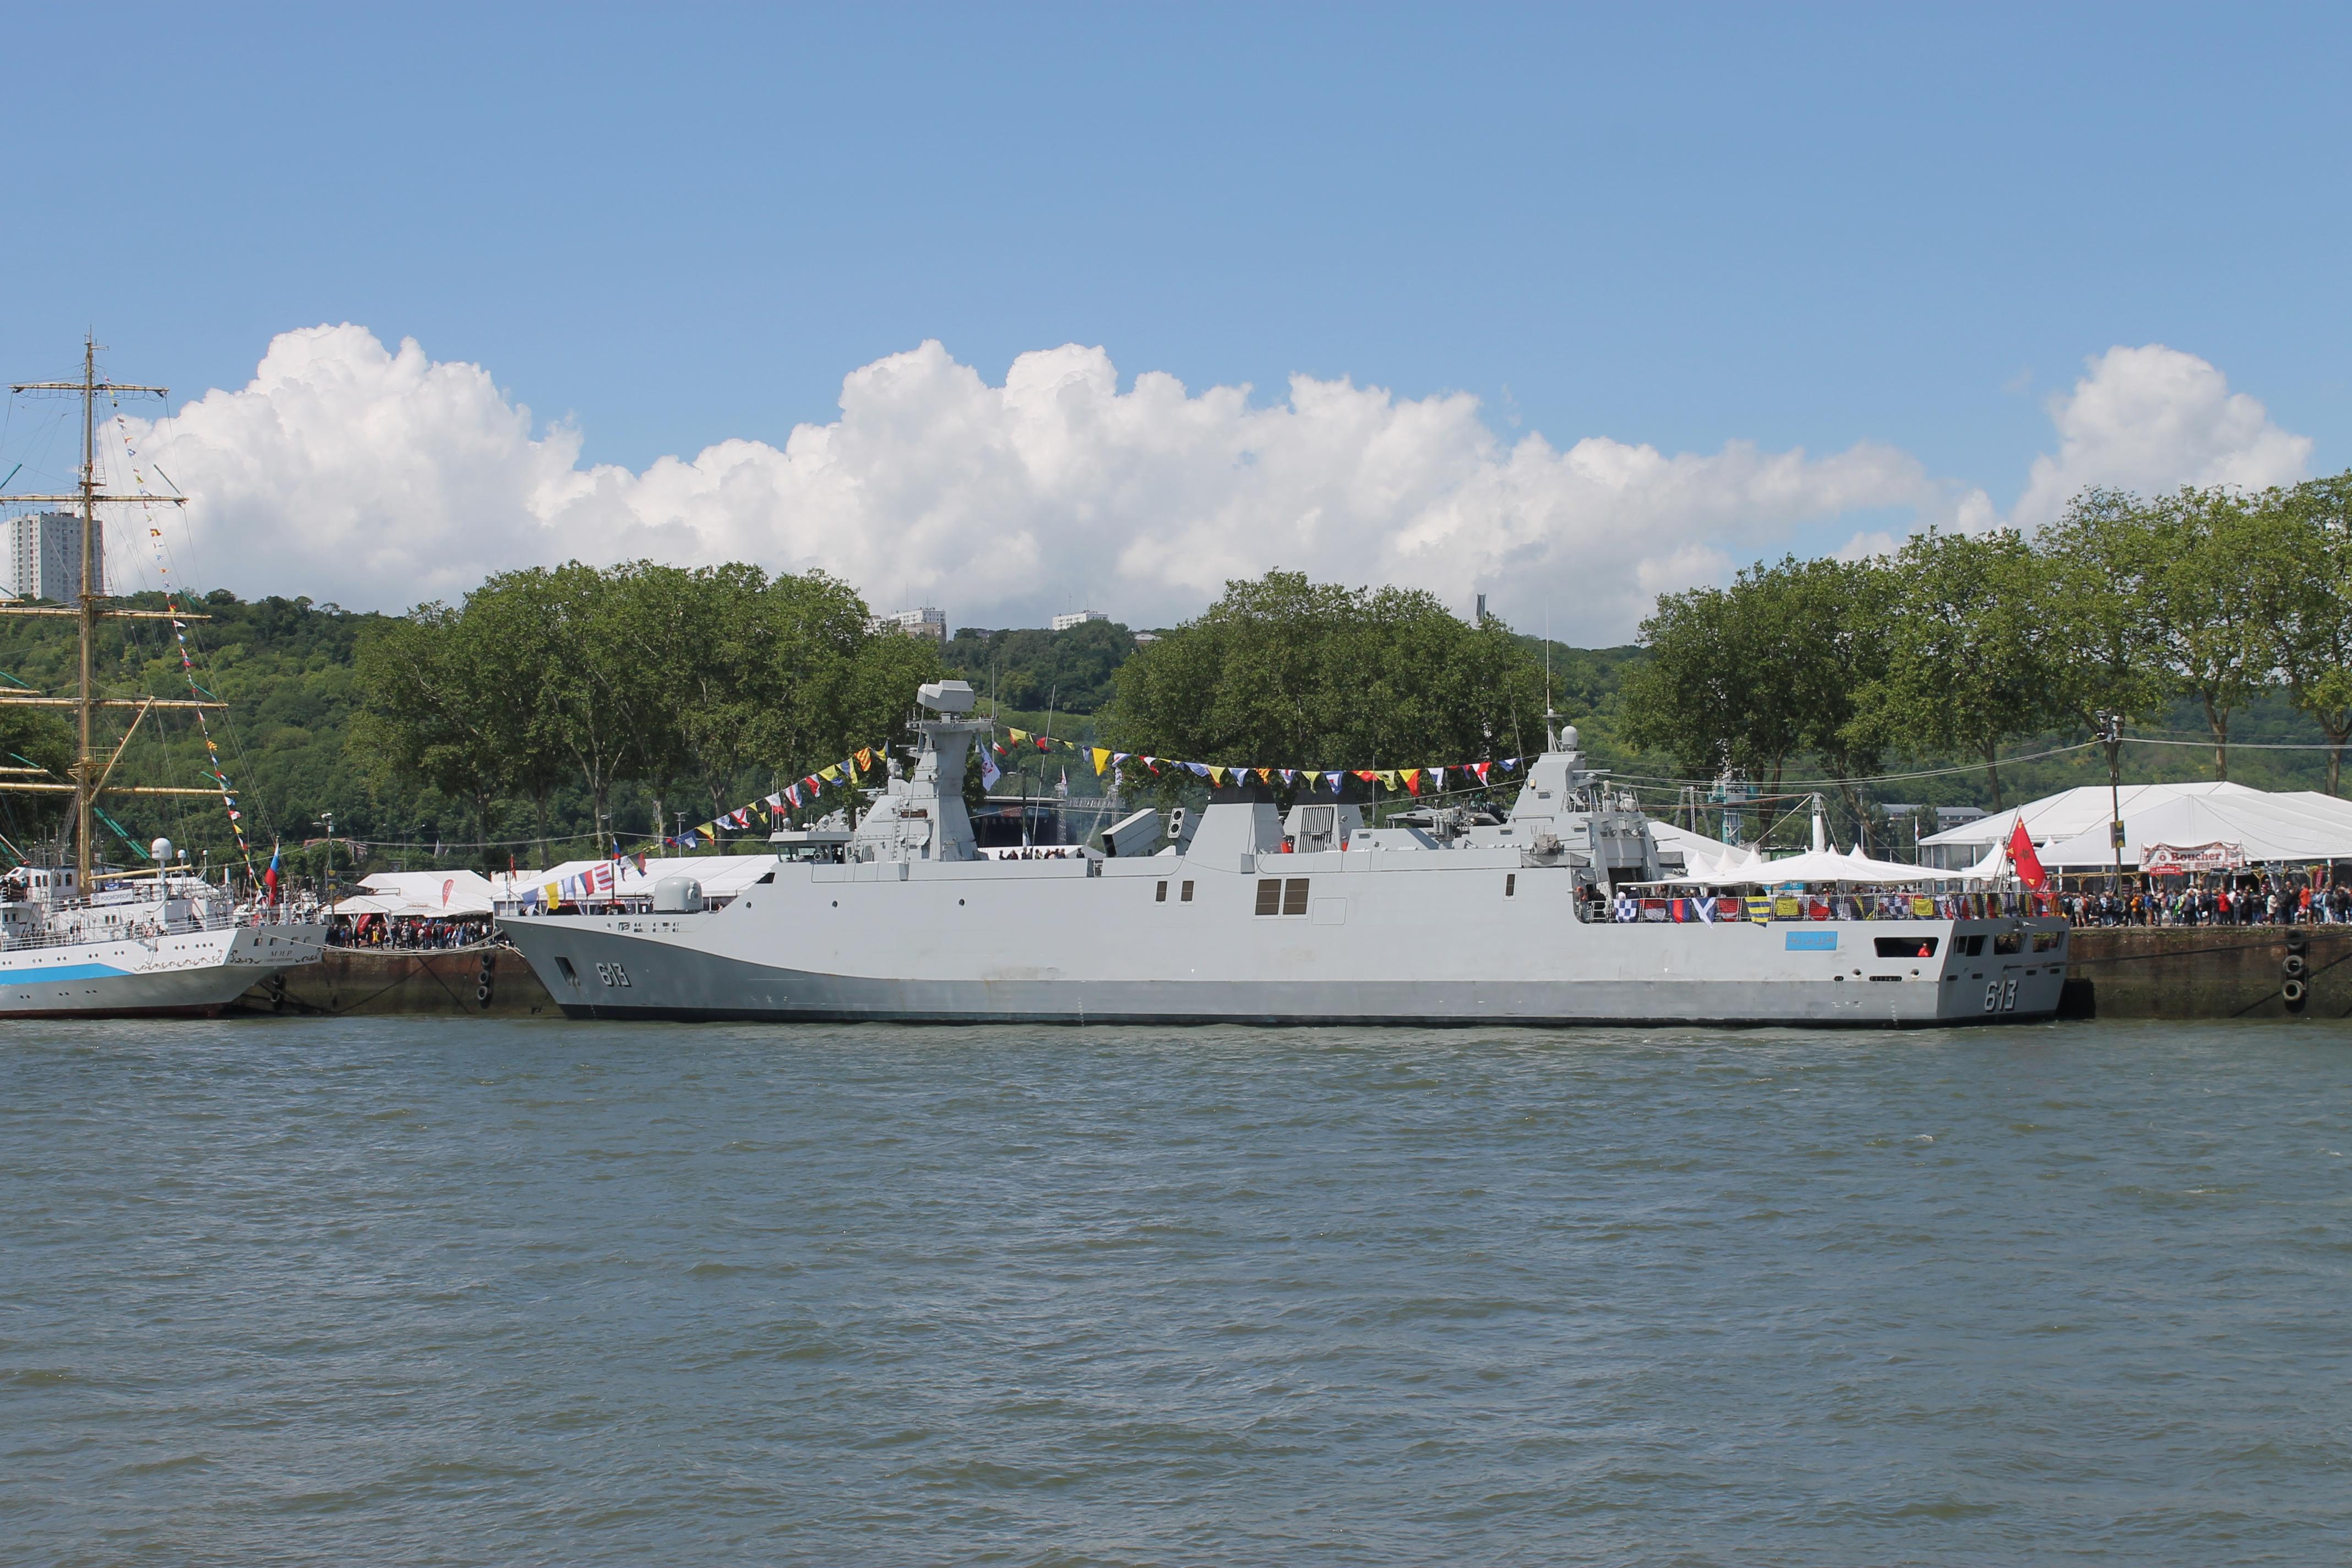 Armada de Rouen 2019 48043851172_8999a246d5_o